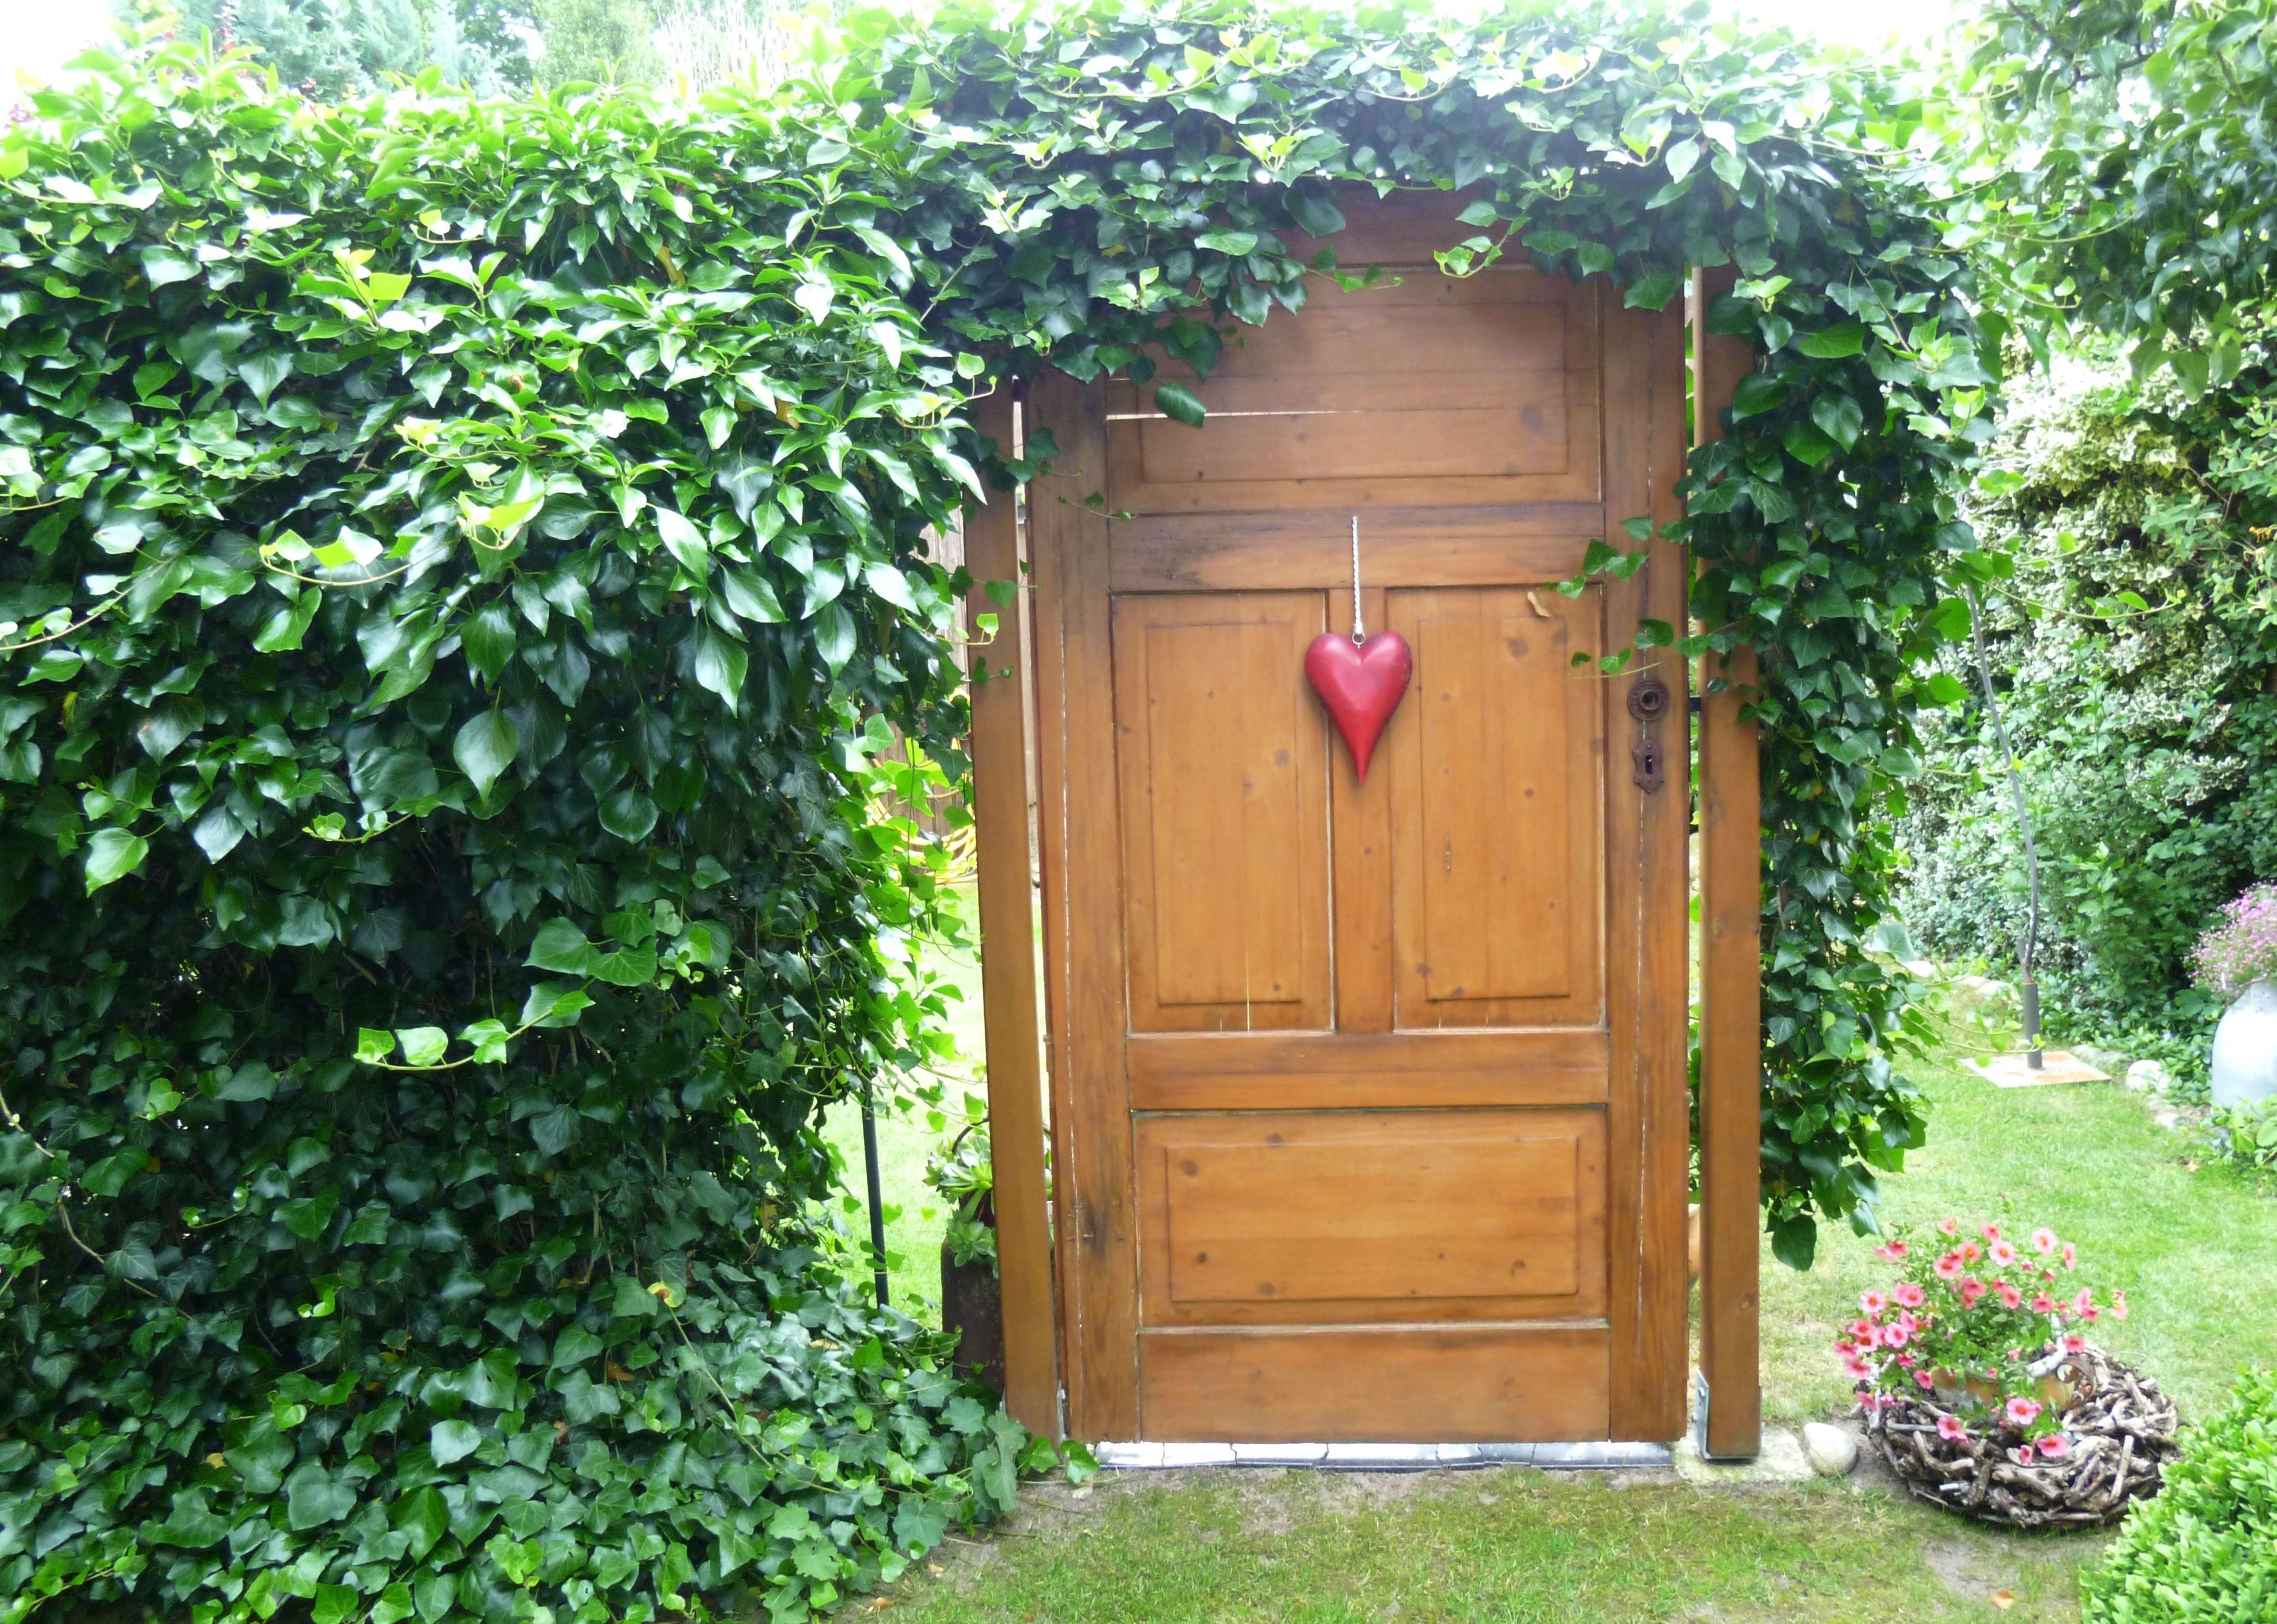 Schon Alte Tür Im Garten :) Door